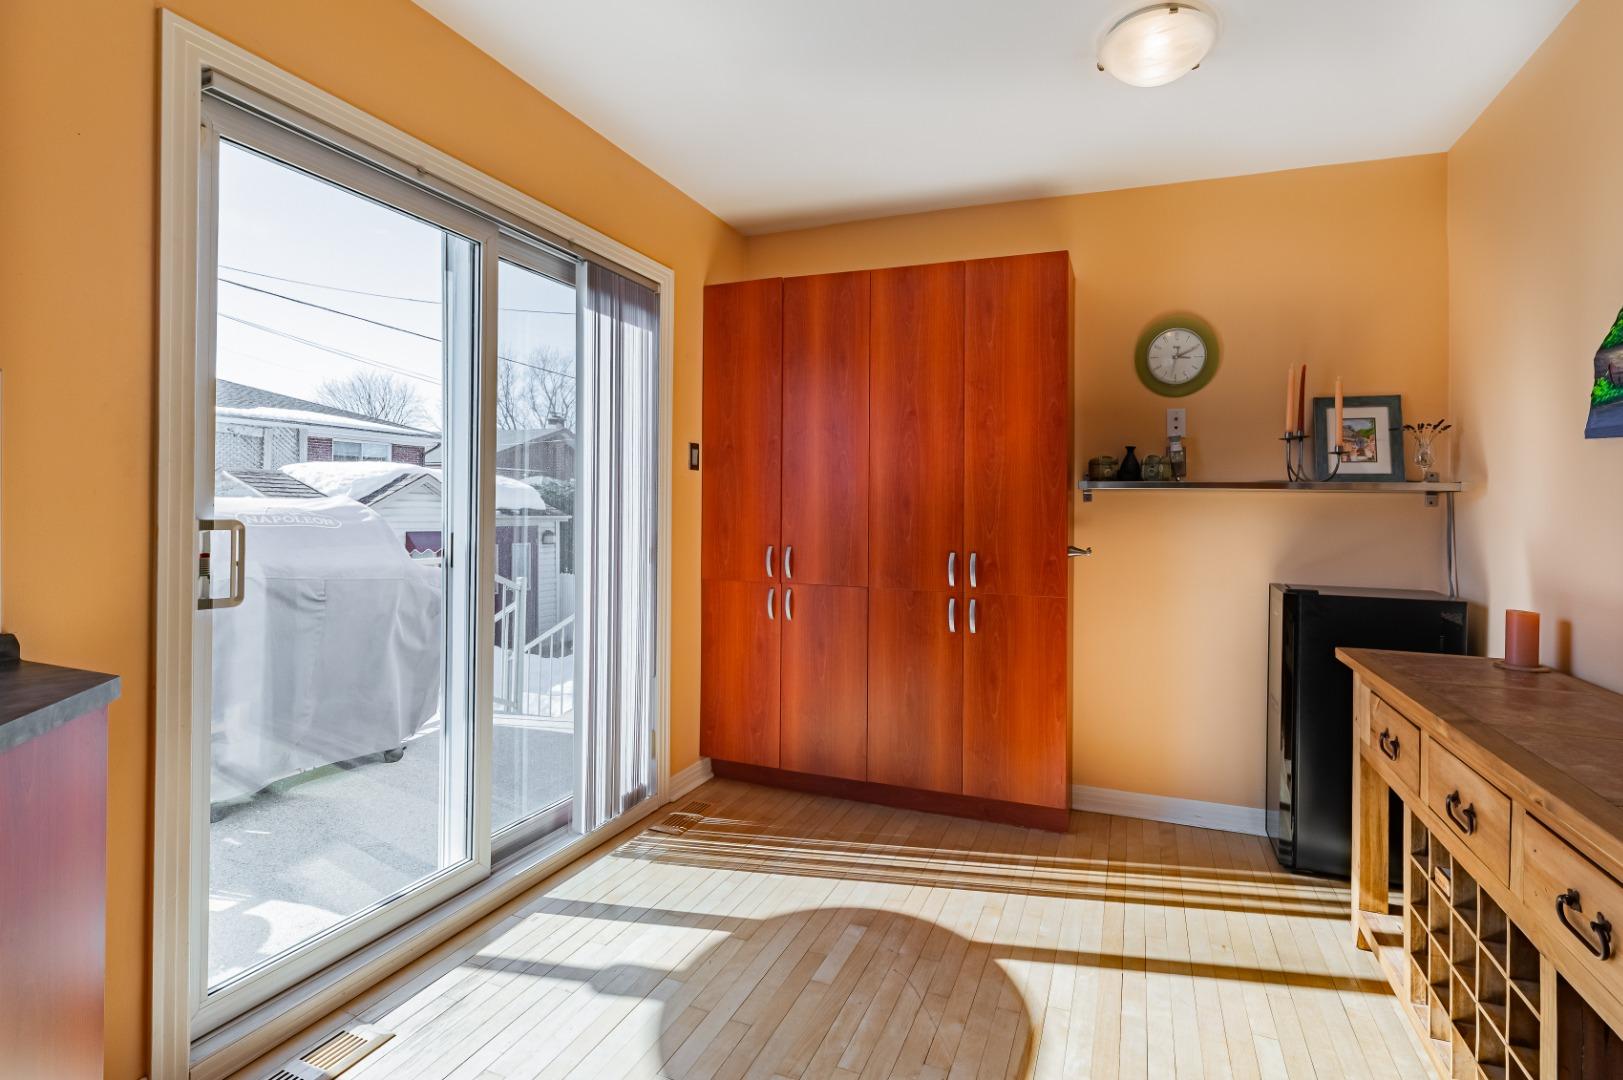 Maison_à_vendre-682_Av_Mondor-Laval-GL(11)-.jpg